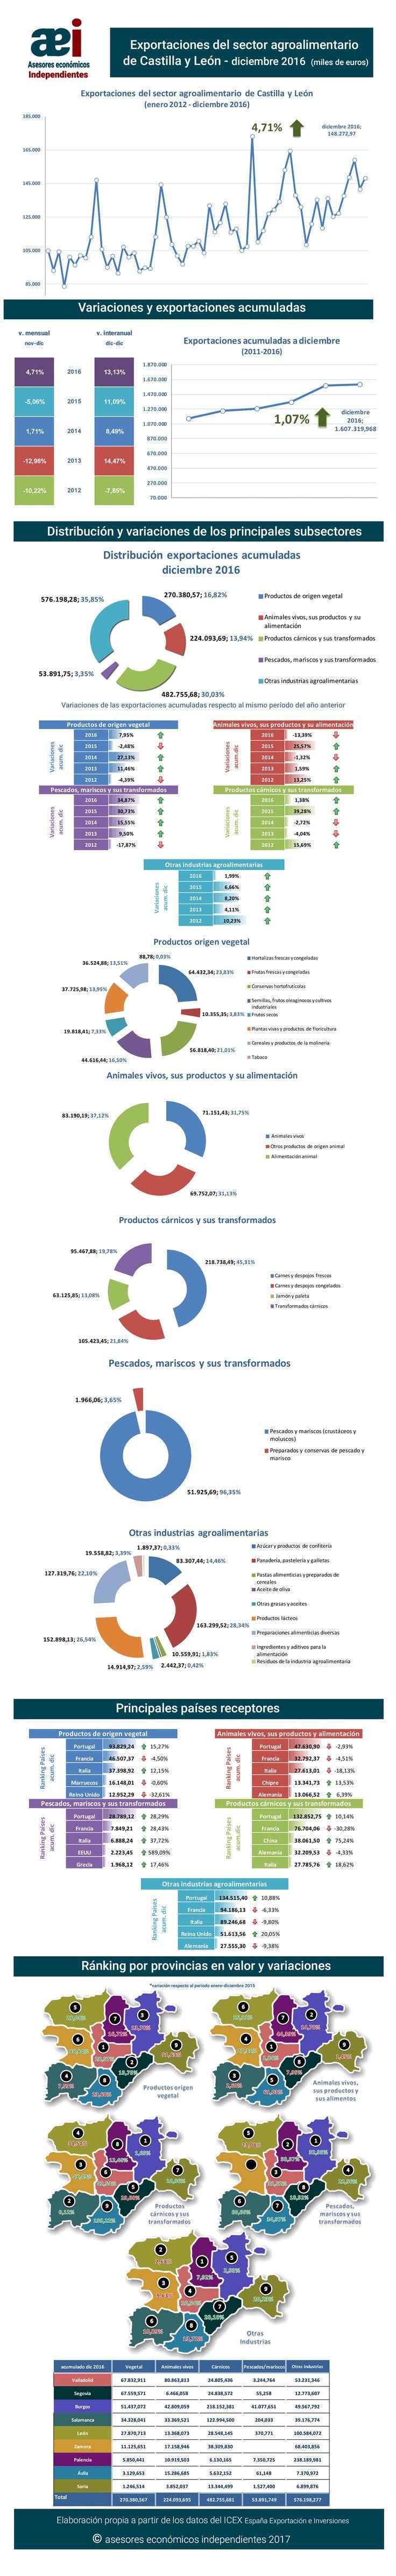 infografía de exportaciones del sector agroalimentario de Castilla y León en el mes de diciembre 2016 realizada por Javier Méndez Lirón para asesores económicos independientes